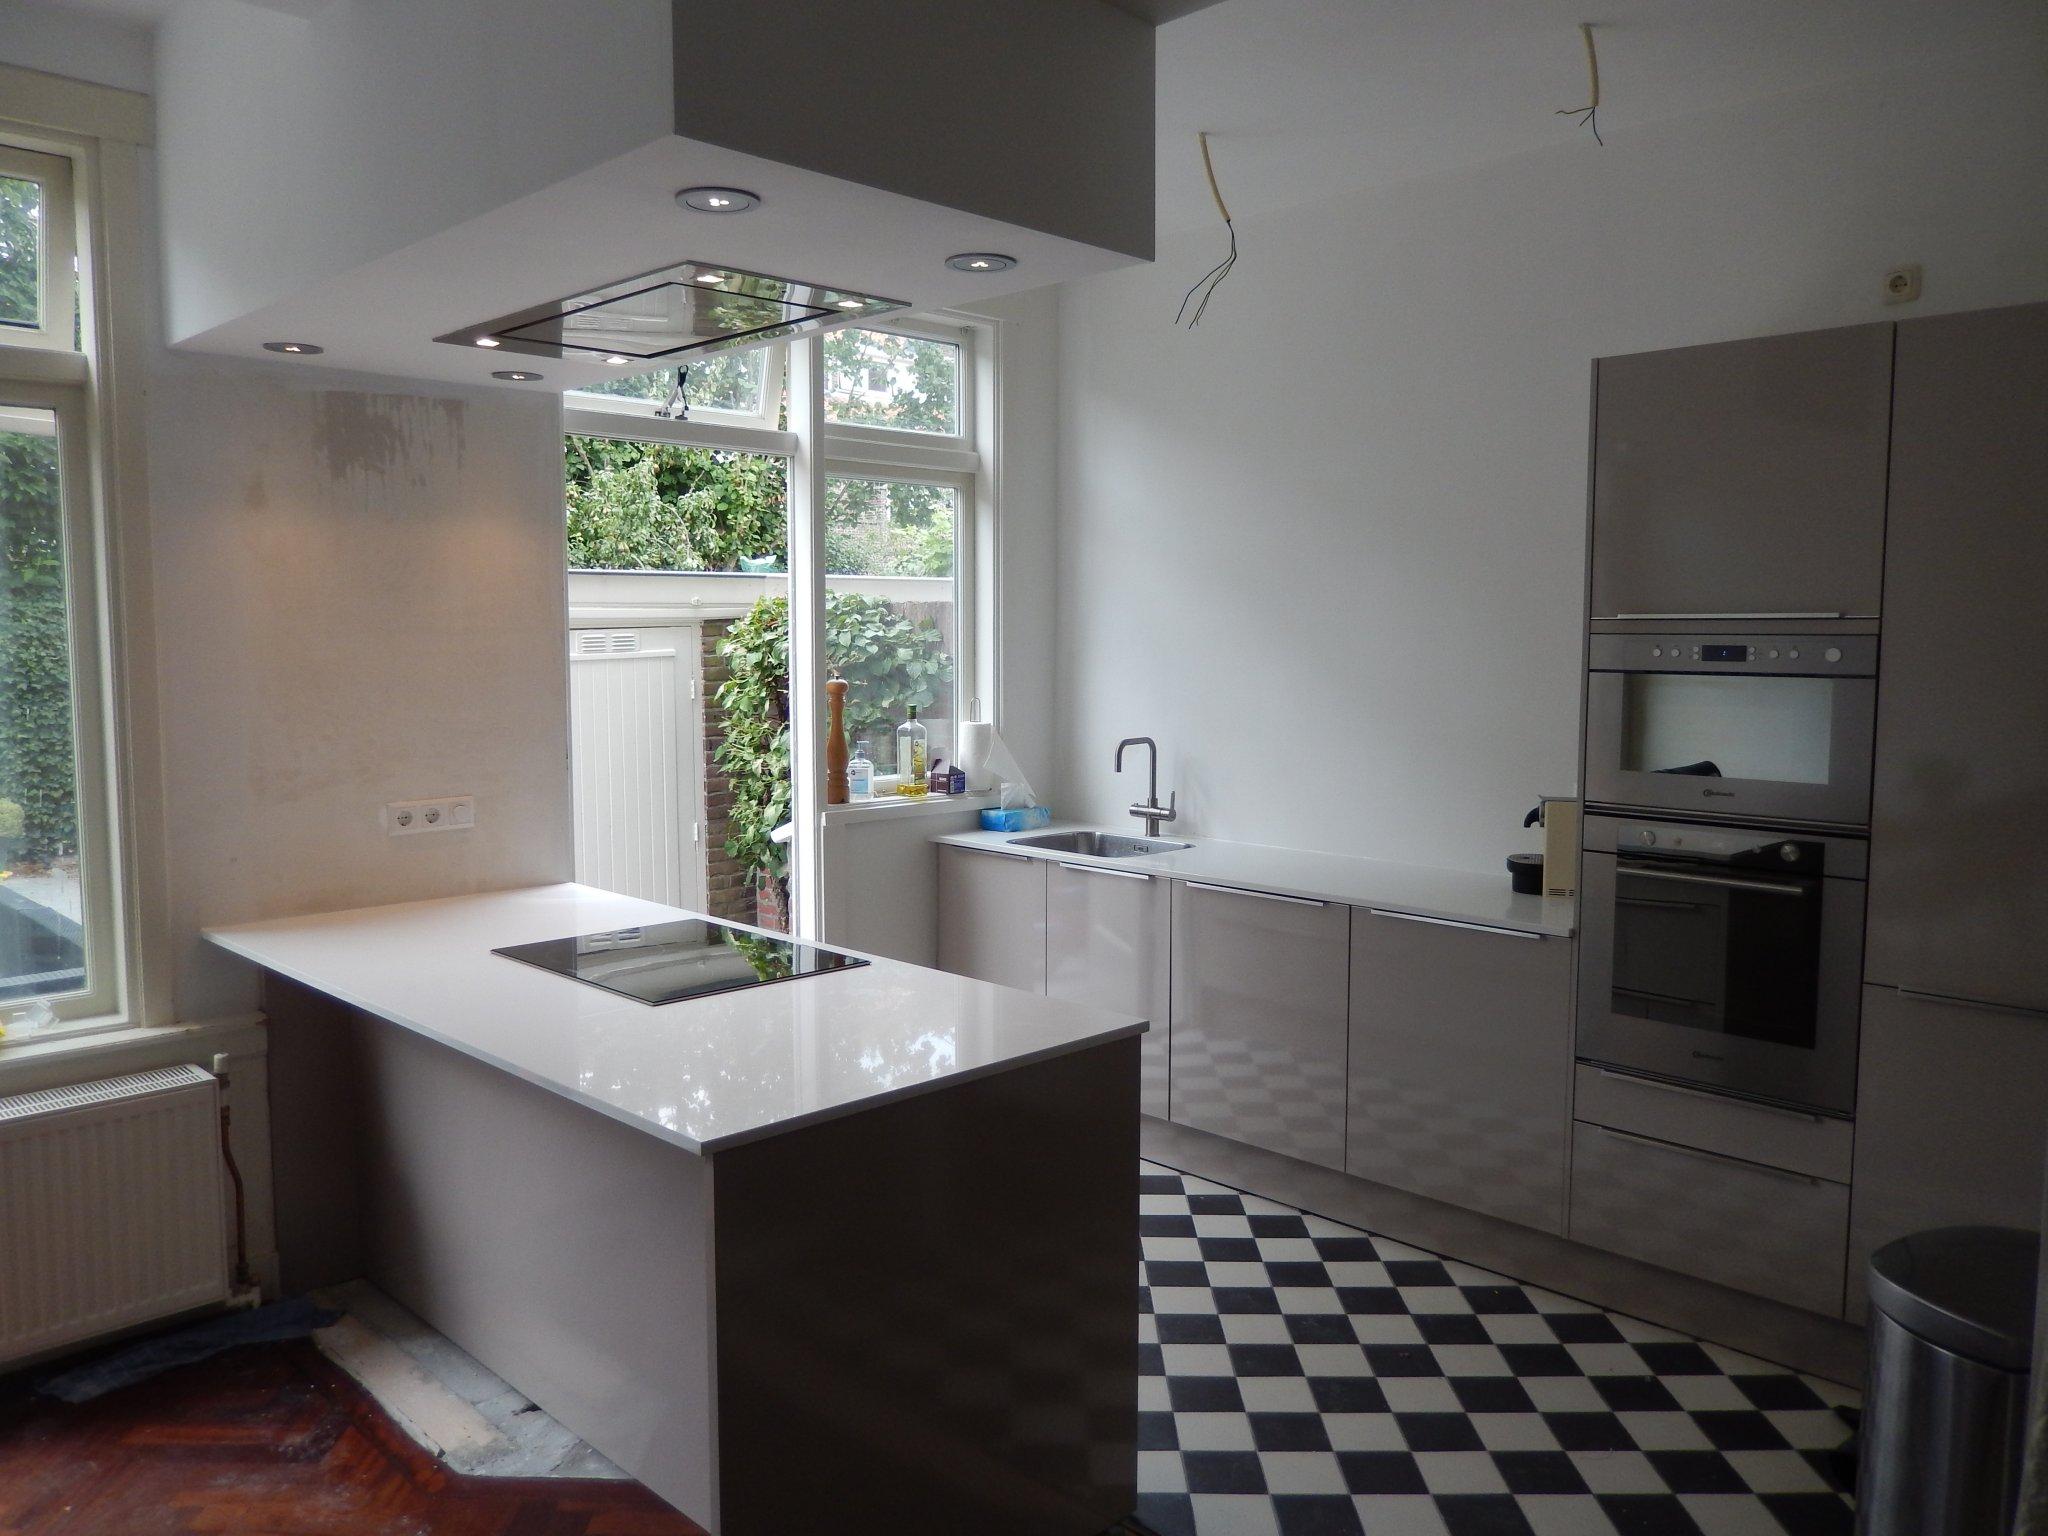 Muurtegels Keuken Verwijderen : Keuken Wrappen Den Haag : Oud Hollands Diensten ? open keuken Den